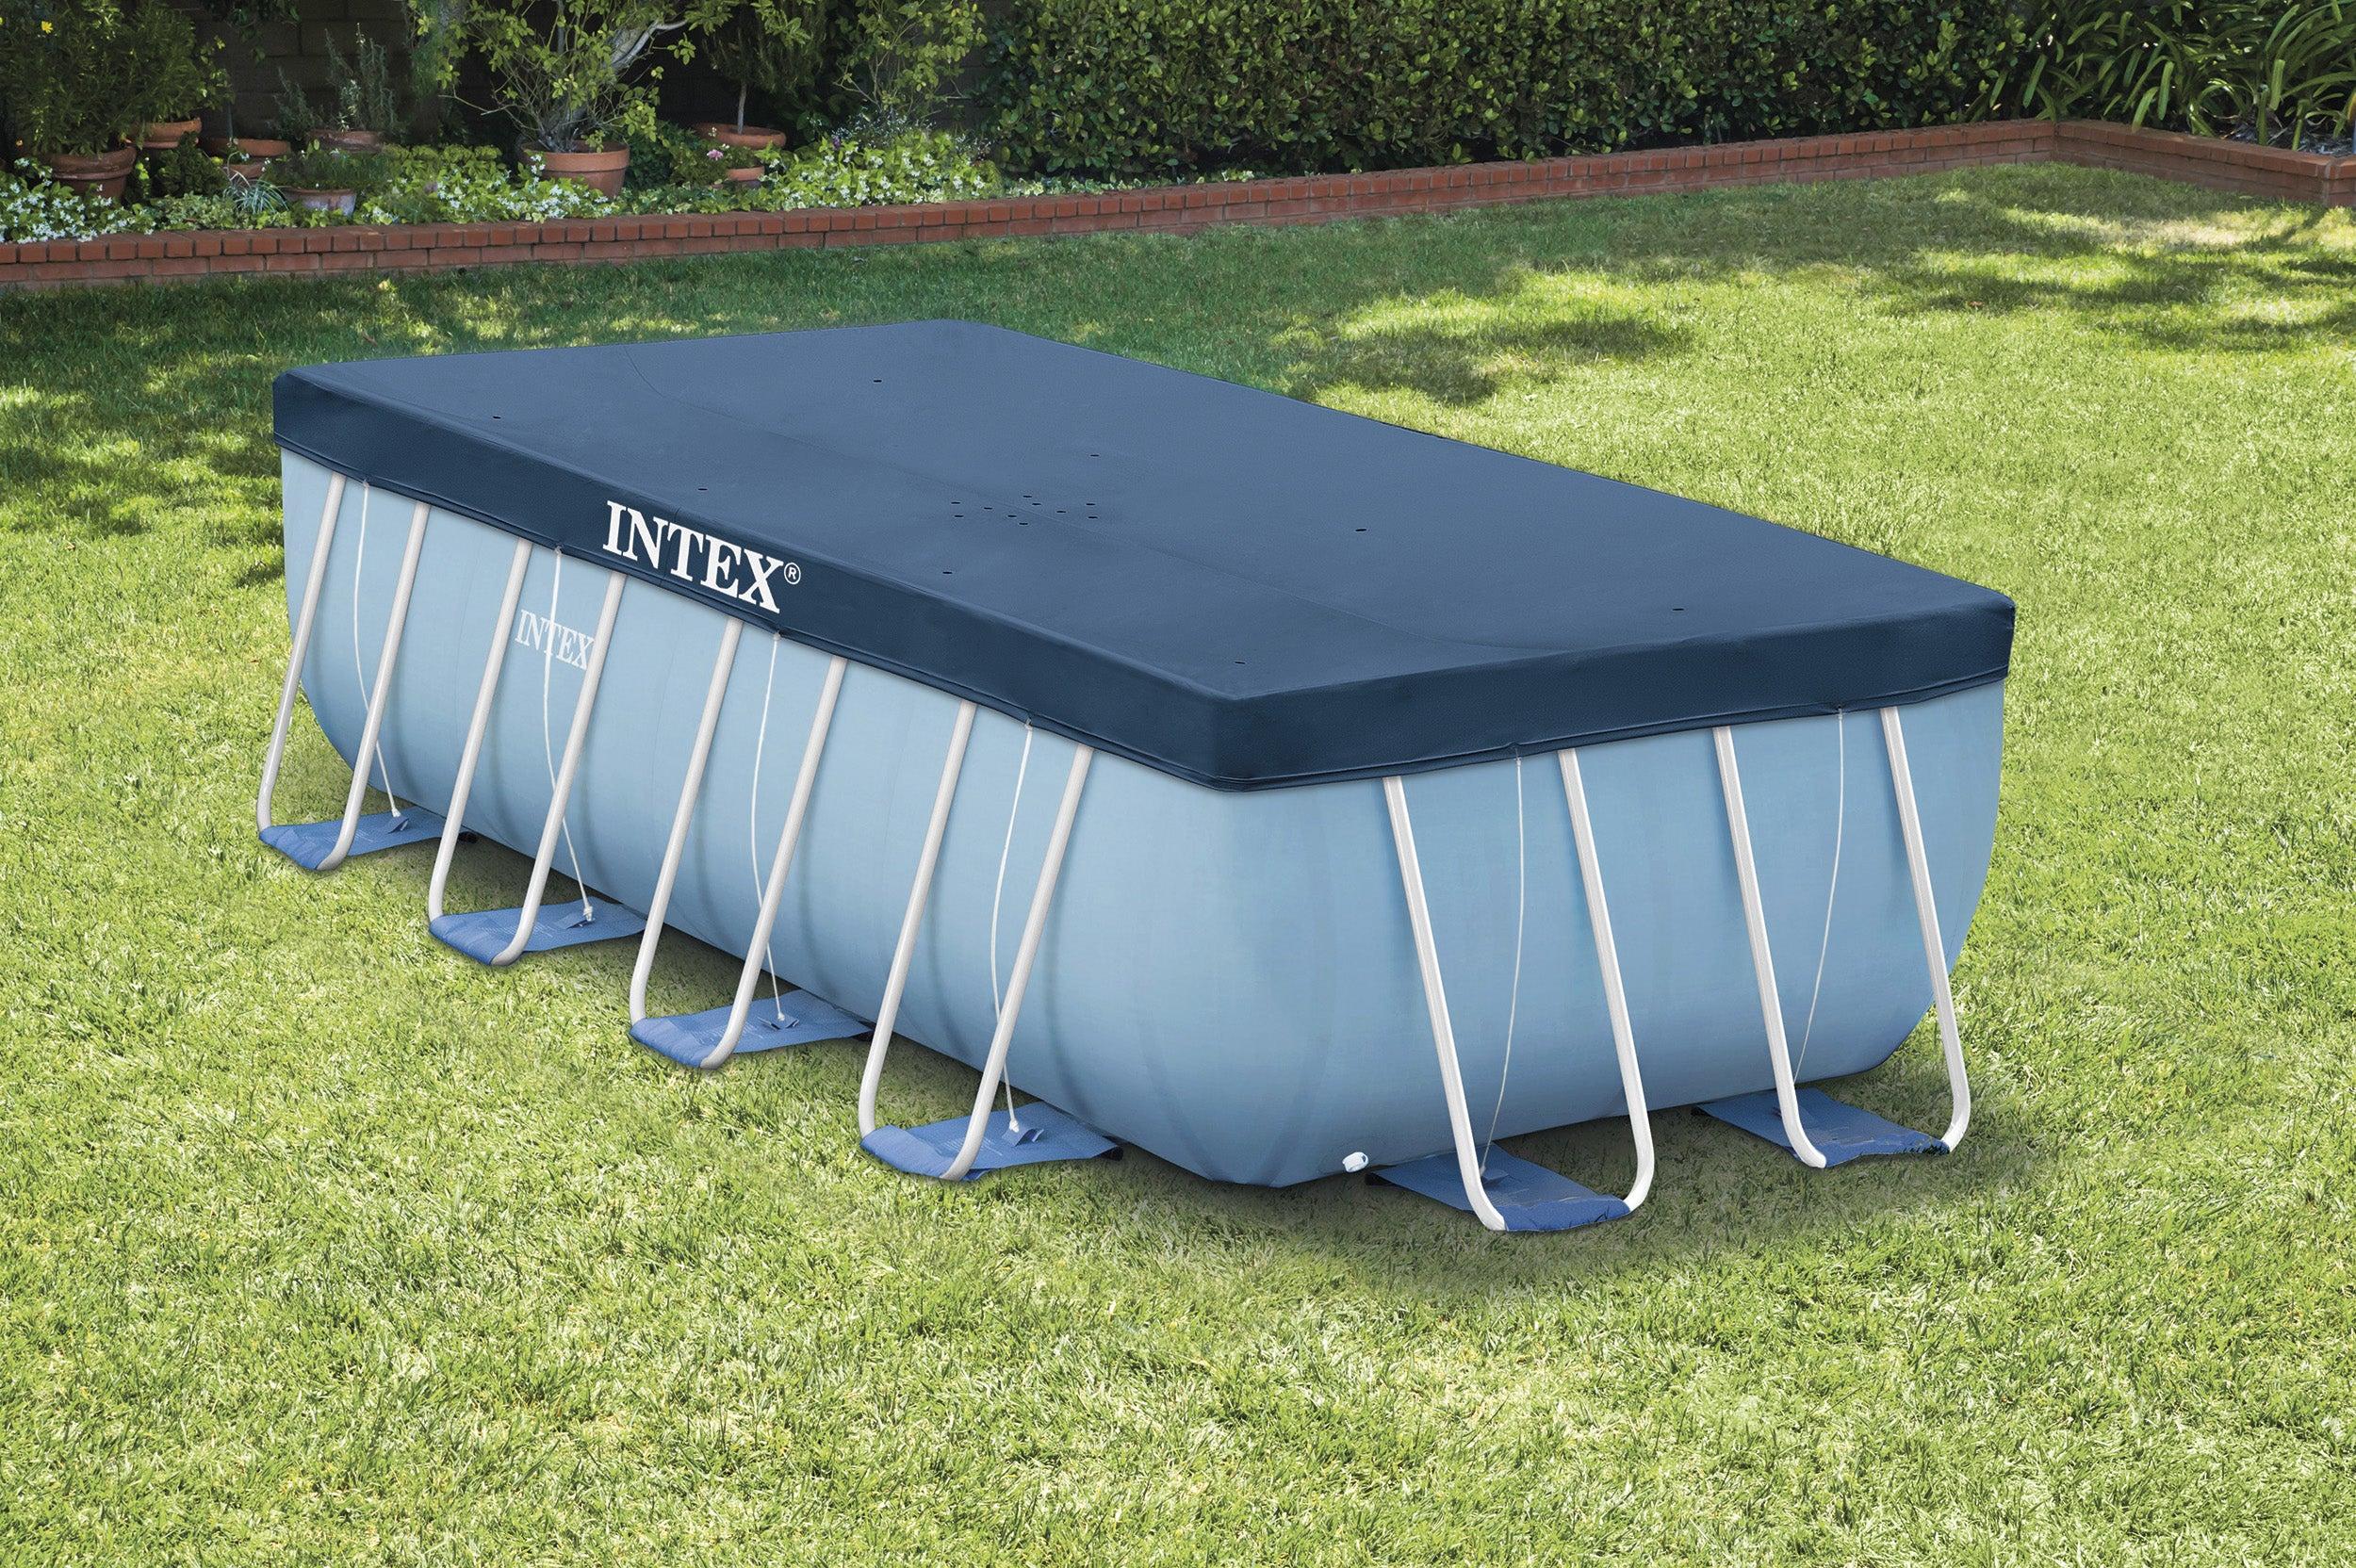 Bâche Hiver Intex De Protection Pour Piscine Rectangulaire 4X2 M, L390 X  L190 Cm destiné Bache Piscine Rectangulaire Leroy Merlin